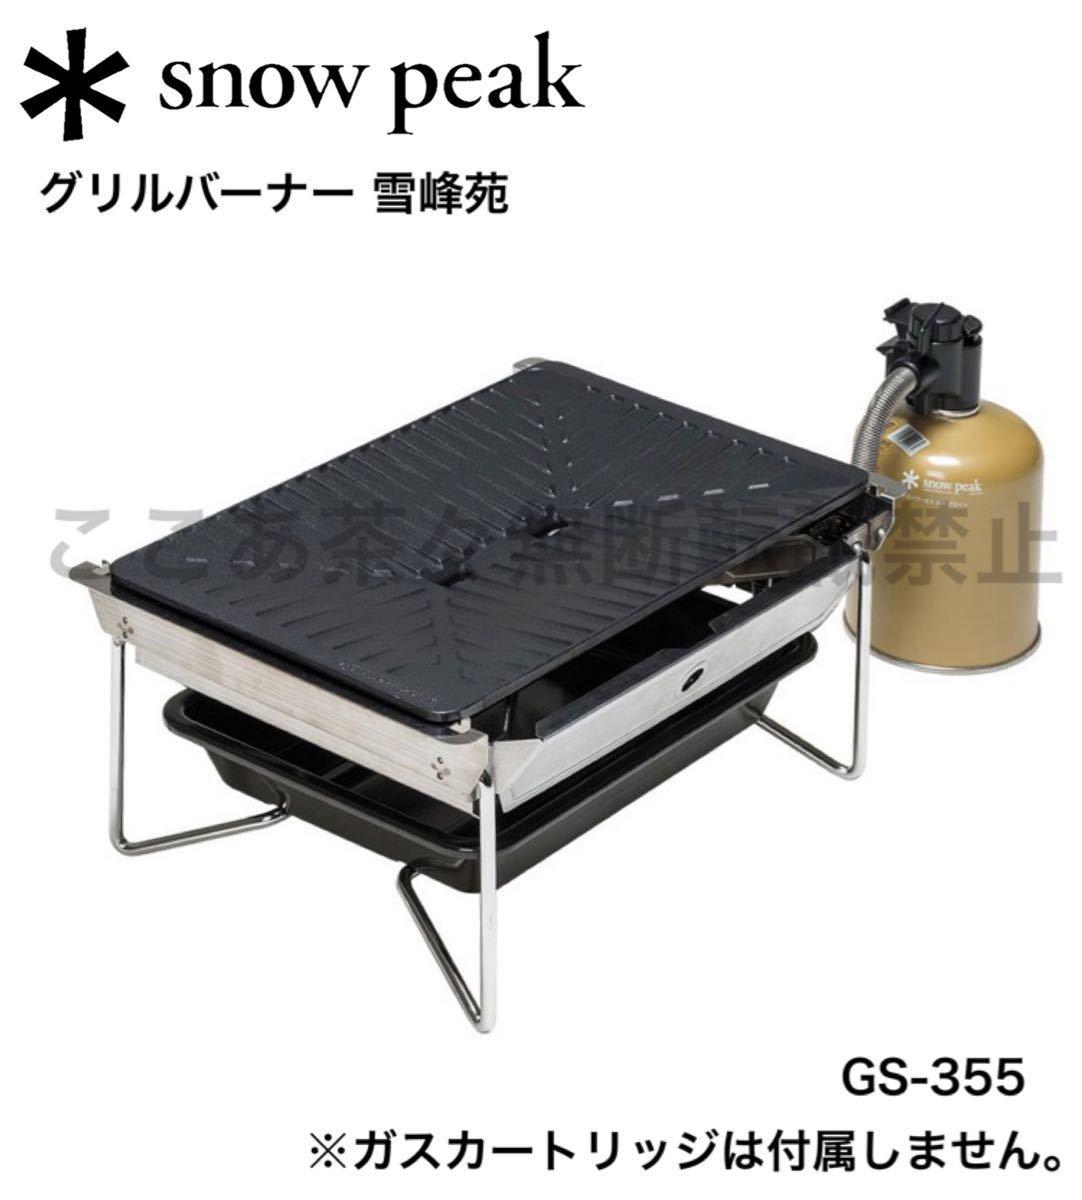 スノーピーク(snow peak)グリルバーナー 雪峰苑GS-355